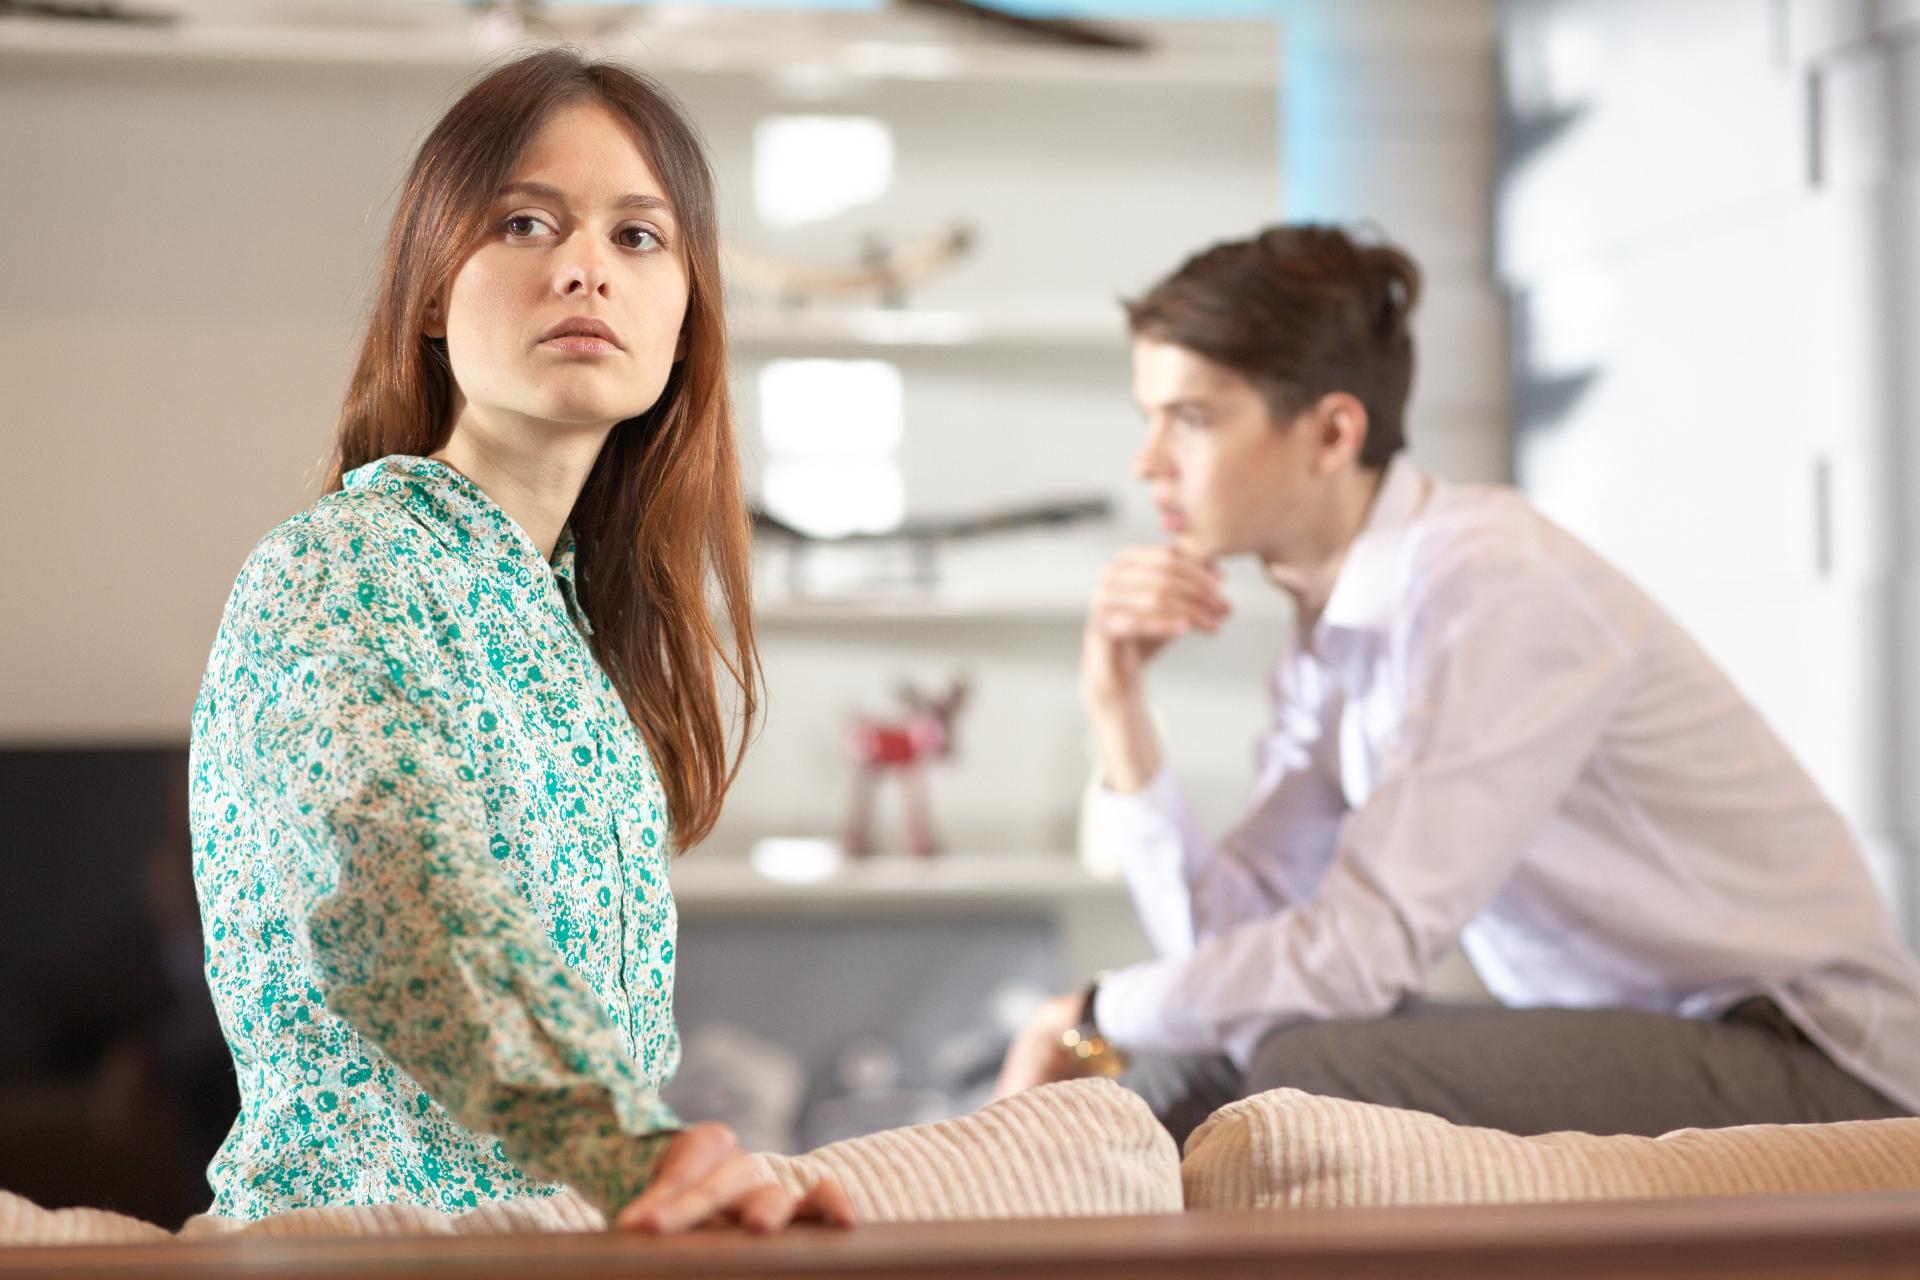 【心理テスト】恋がうまくいかないのはなぜ?何が原因か診断してみよう!